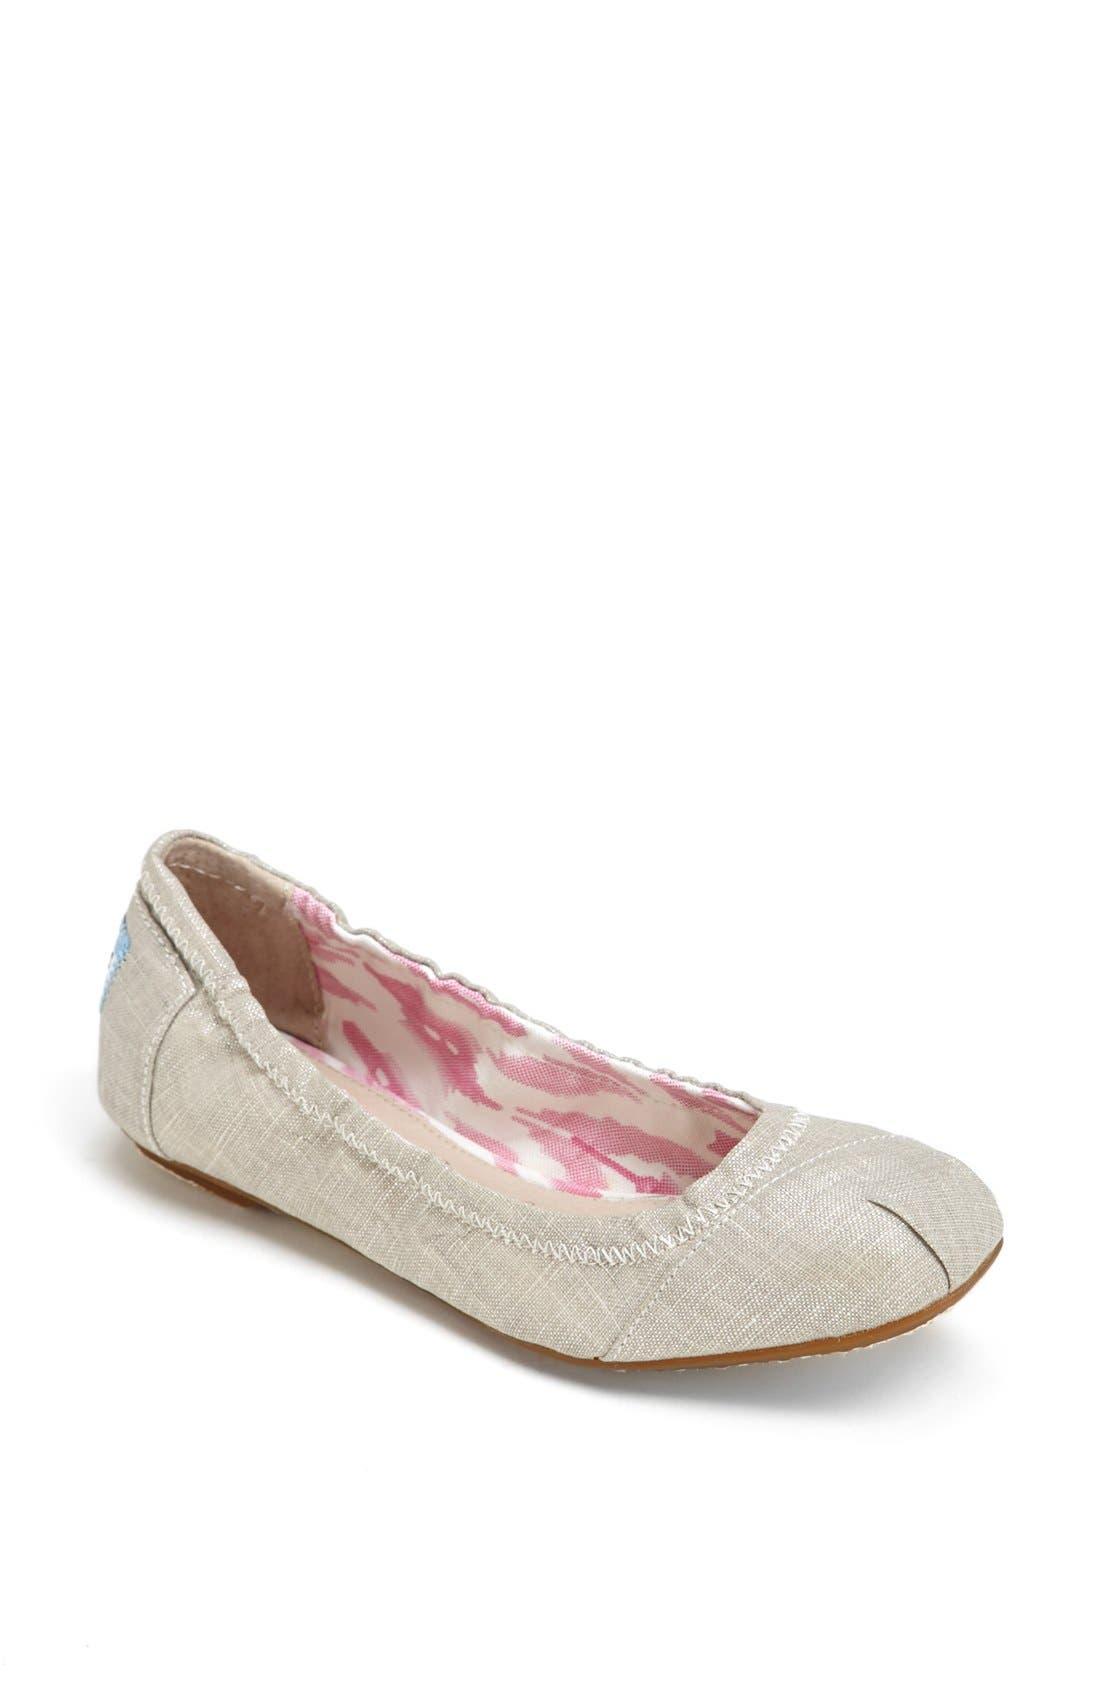 Alternate Image 1 Selected - TOMS Metallic Ballet Flat (Women)